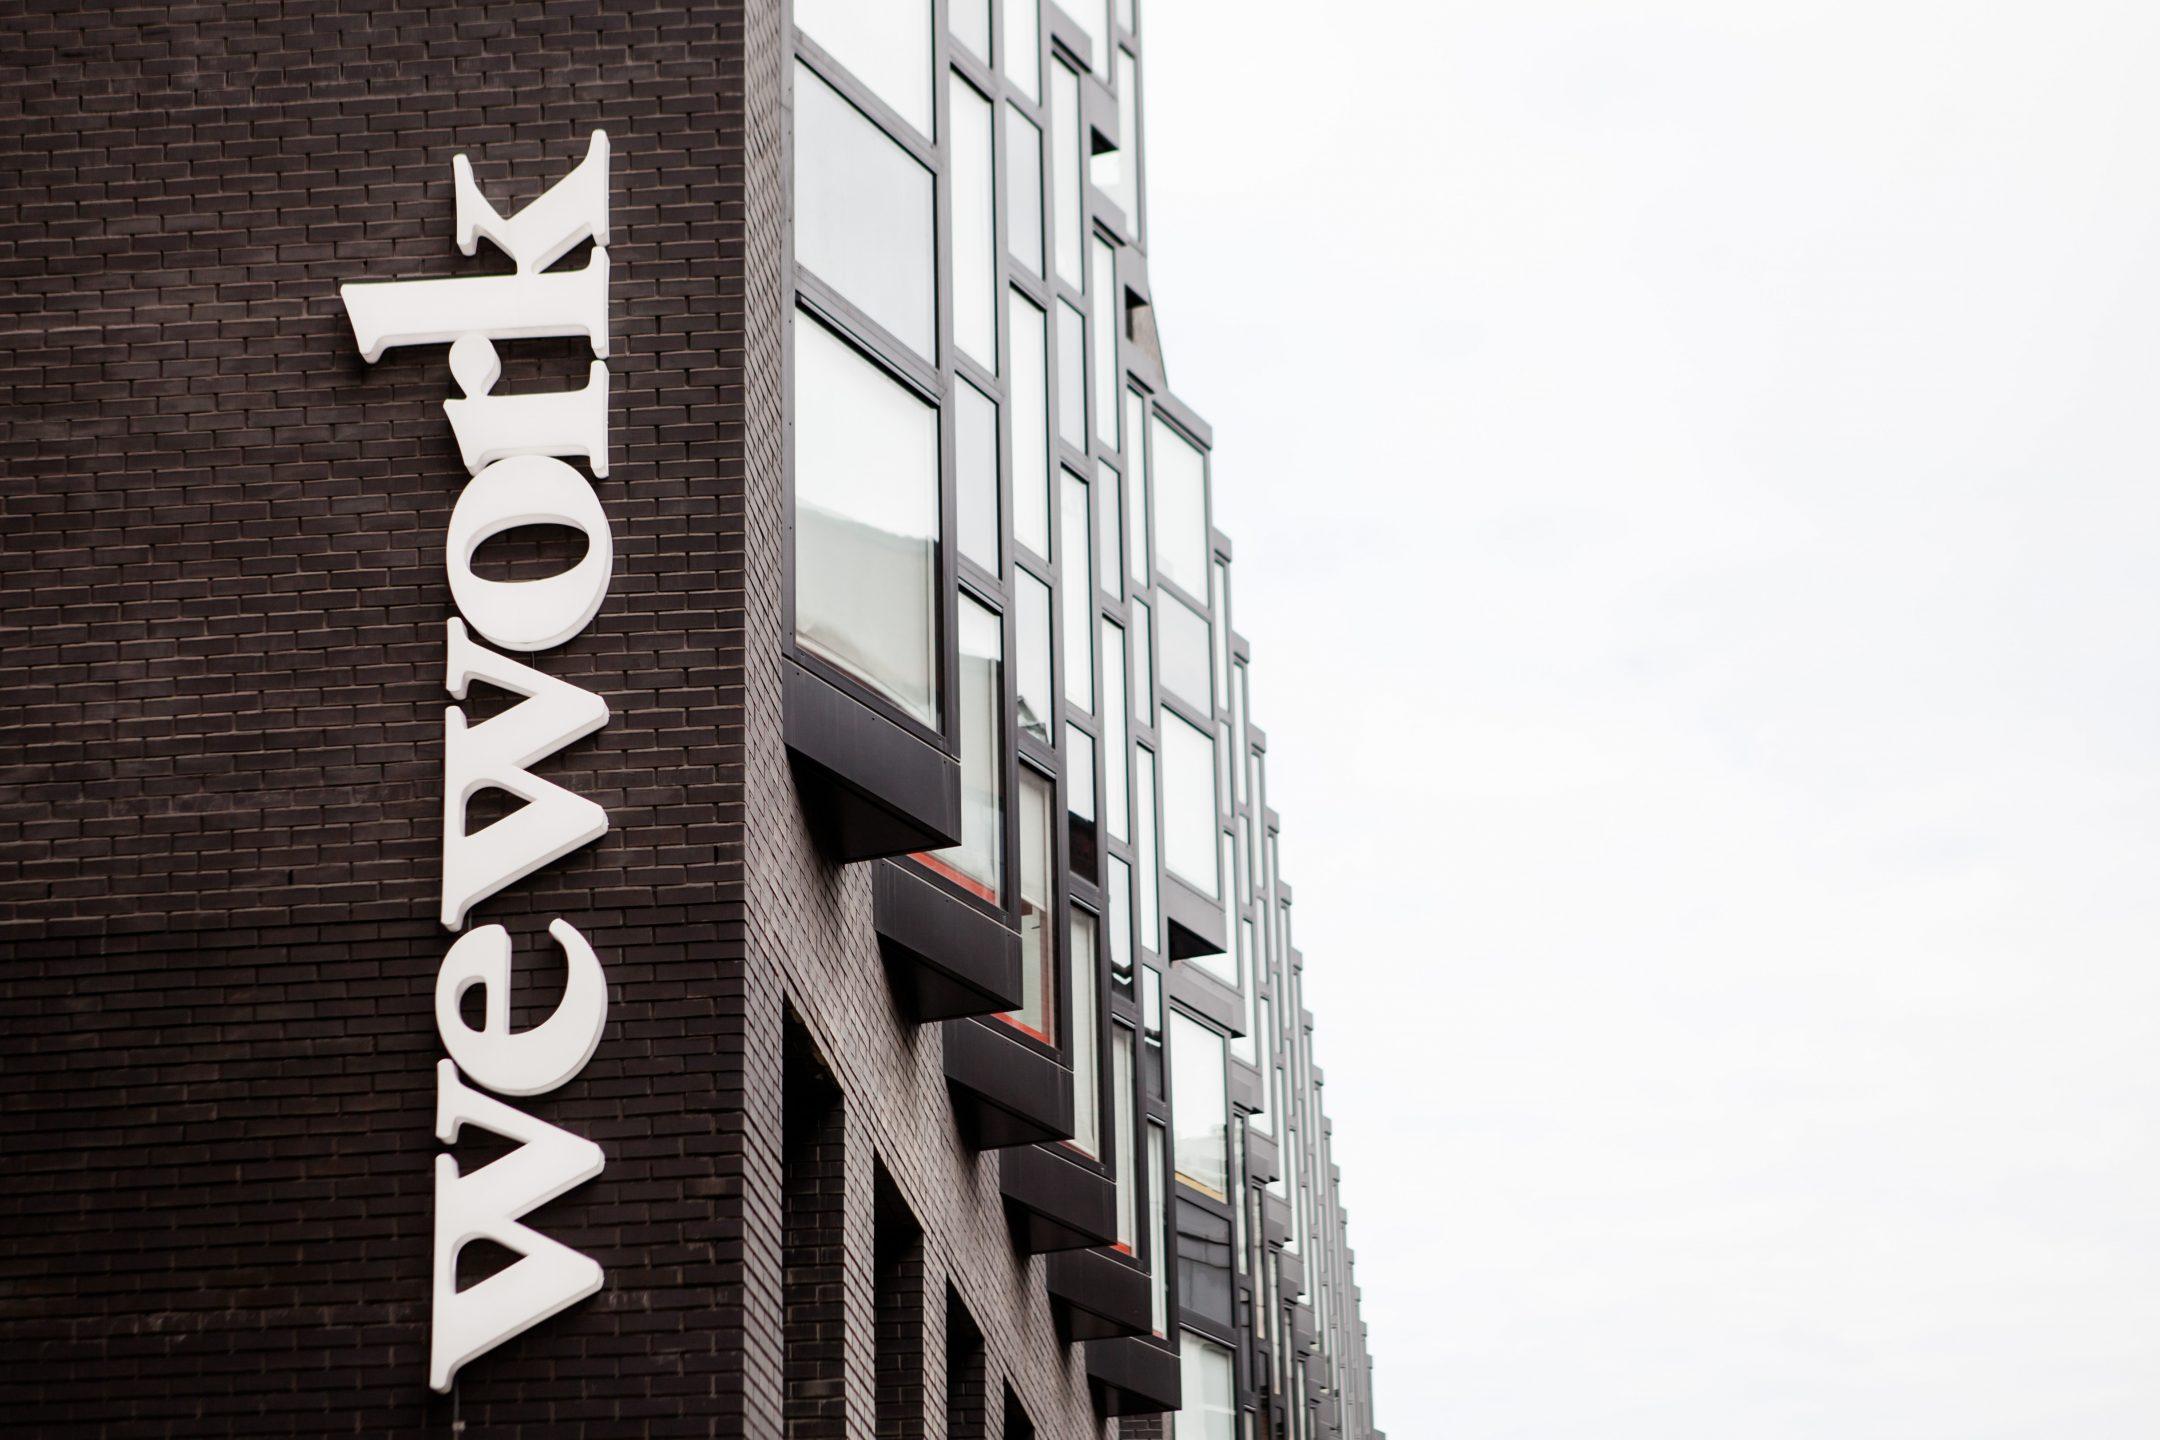 Dalla crisi congelata a quella dislocata: lezioni per i leader dal caso WeWork